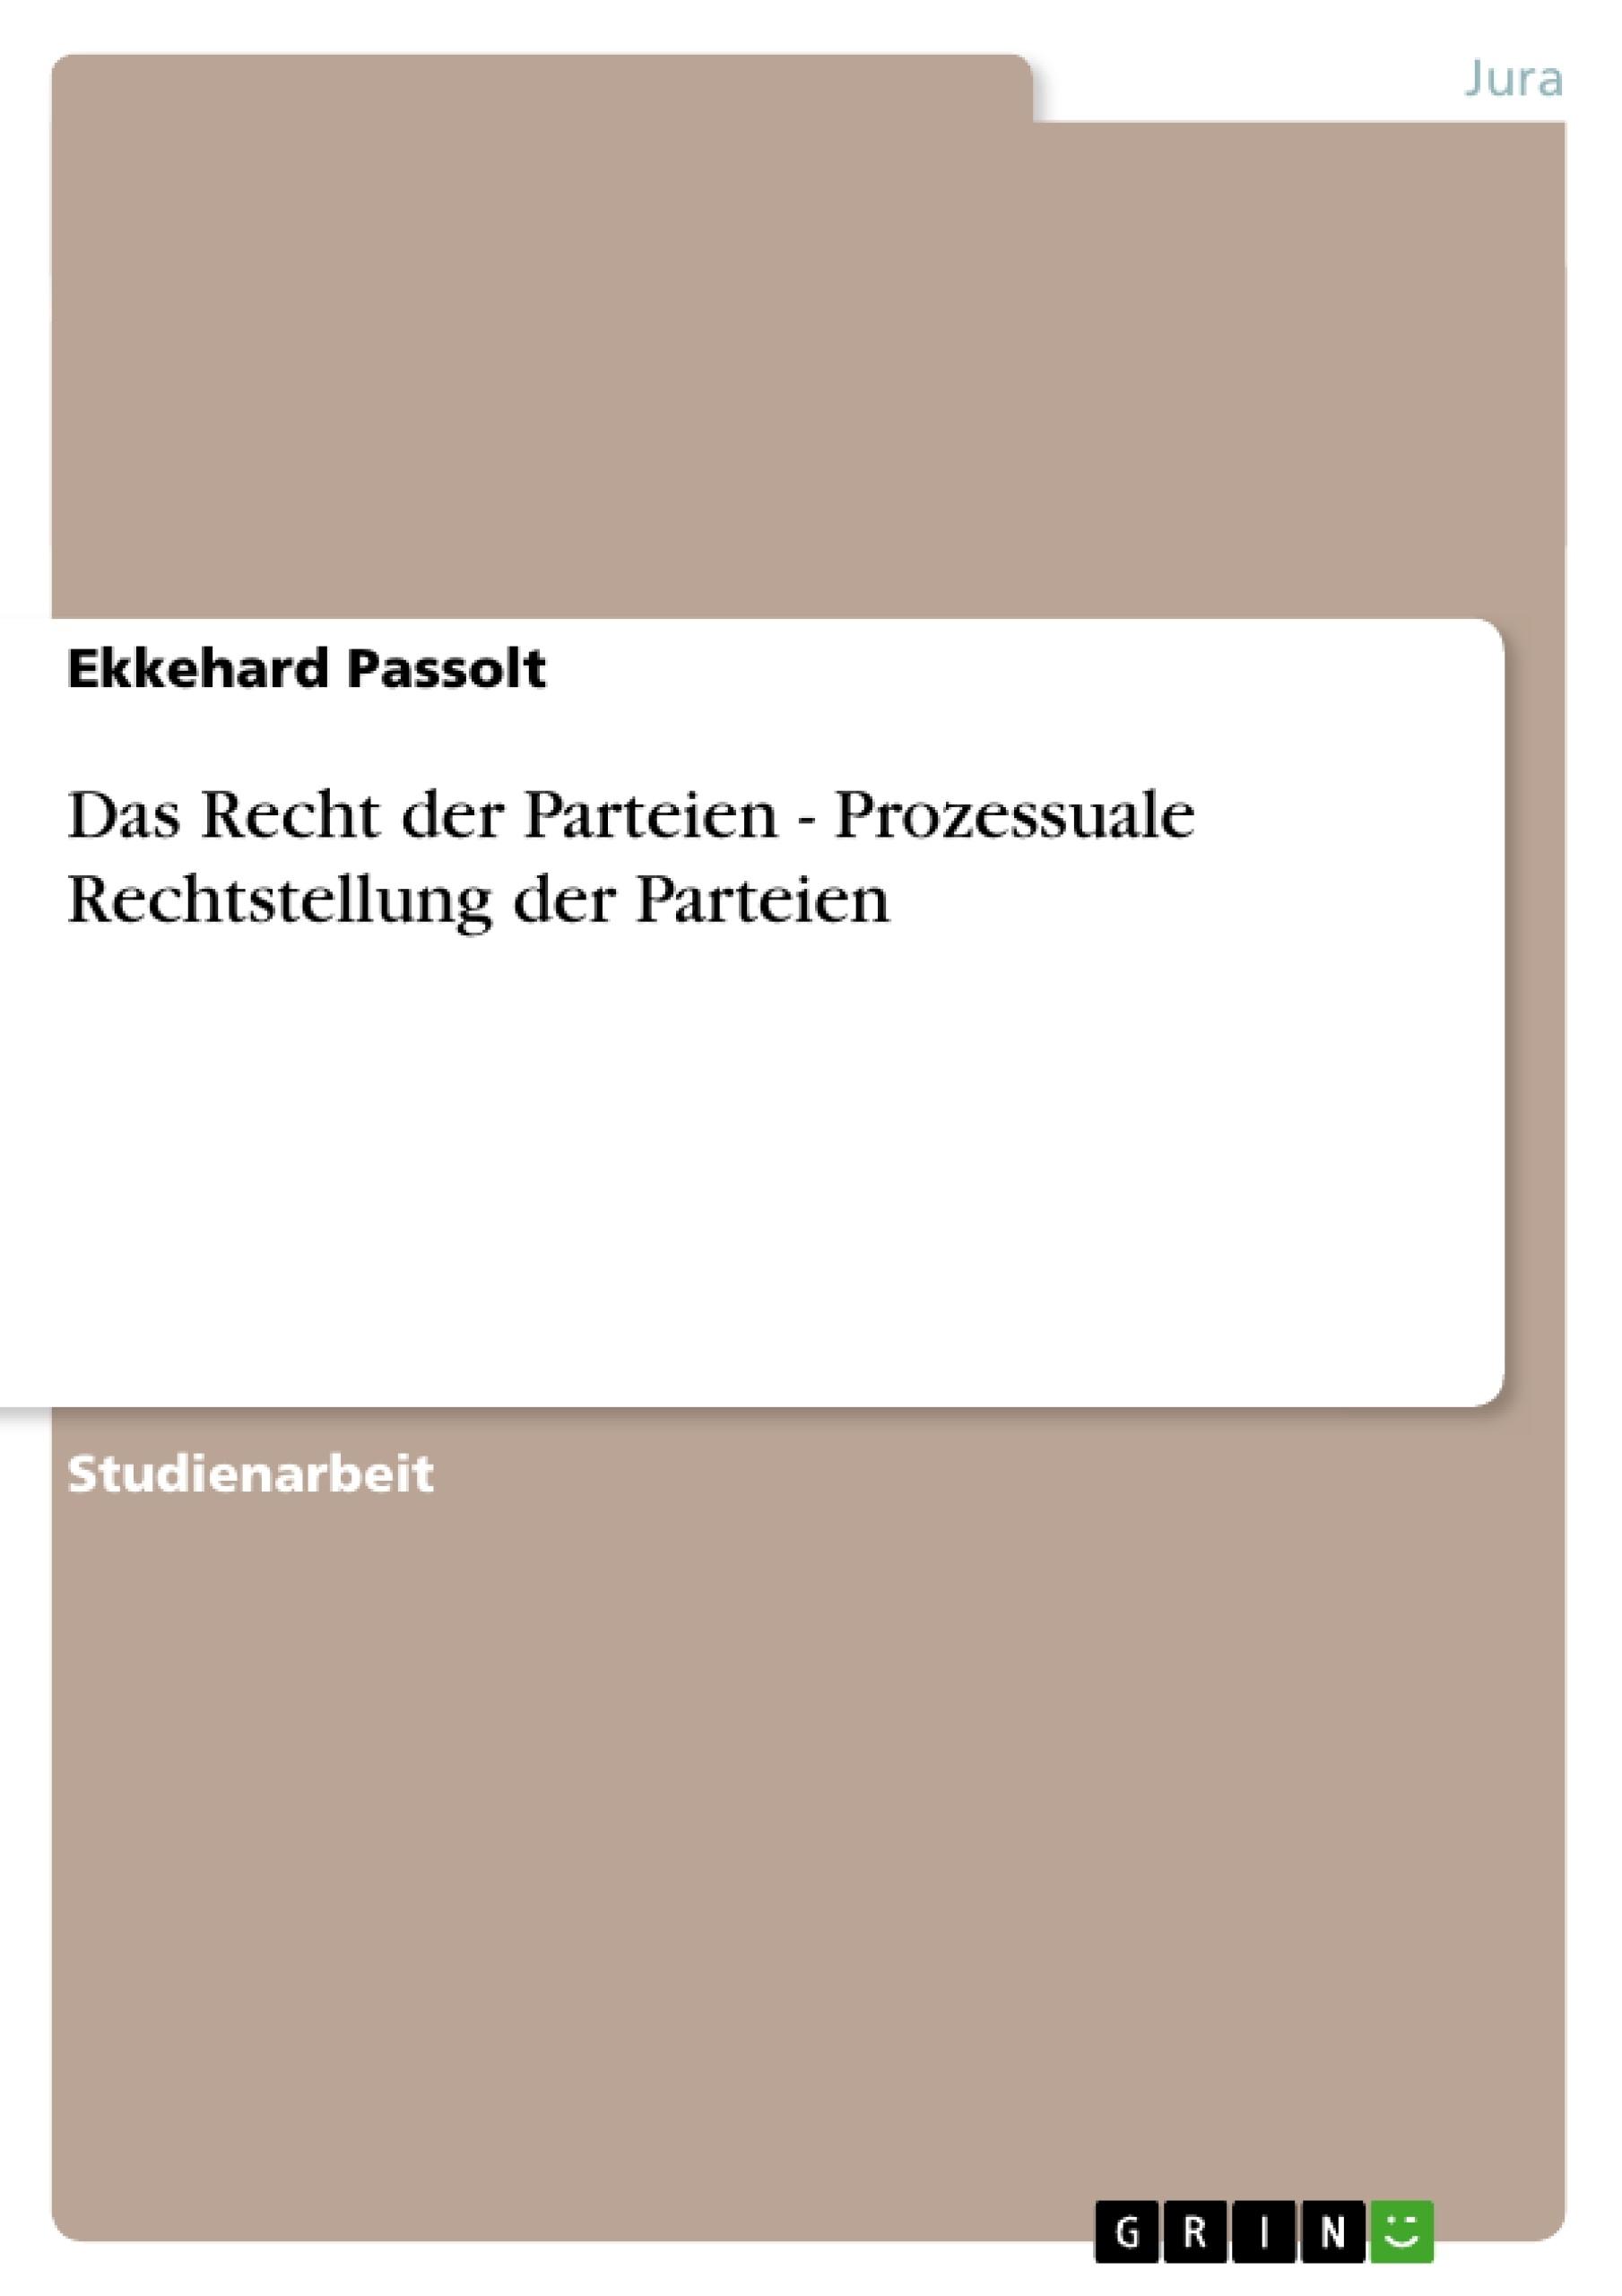 Titel: Das Recht der Parteien - Prozessuale Rechtstellung der Parteien